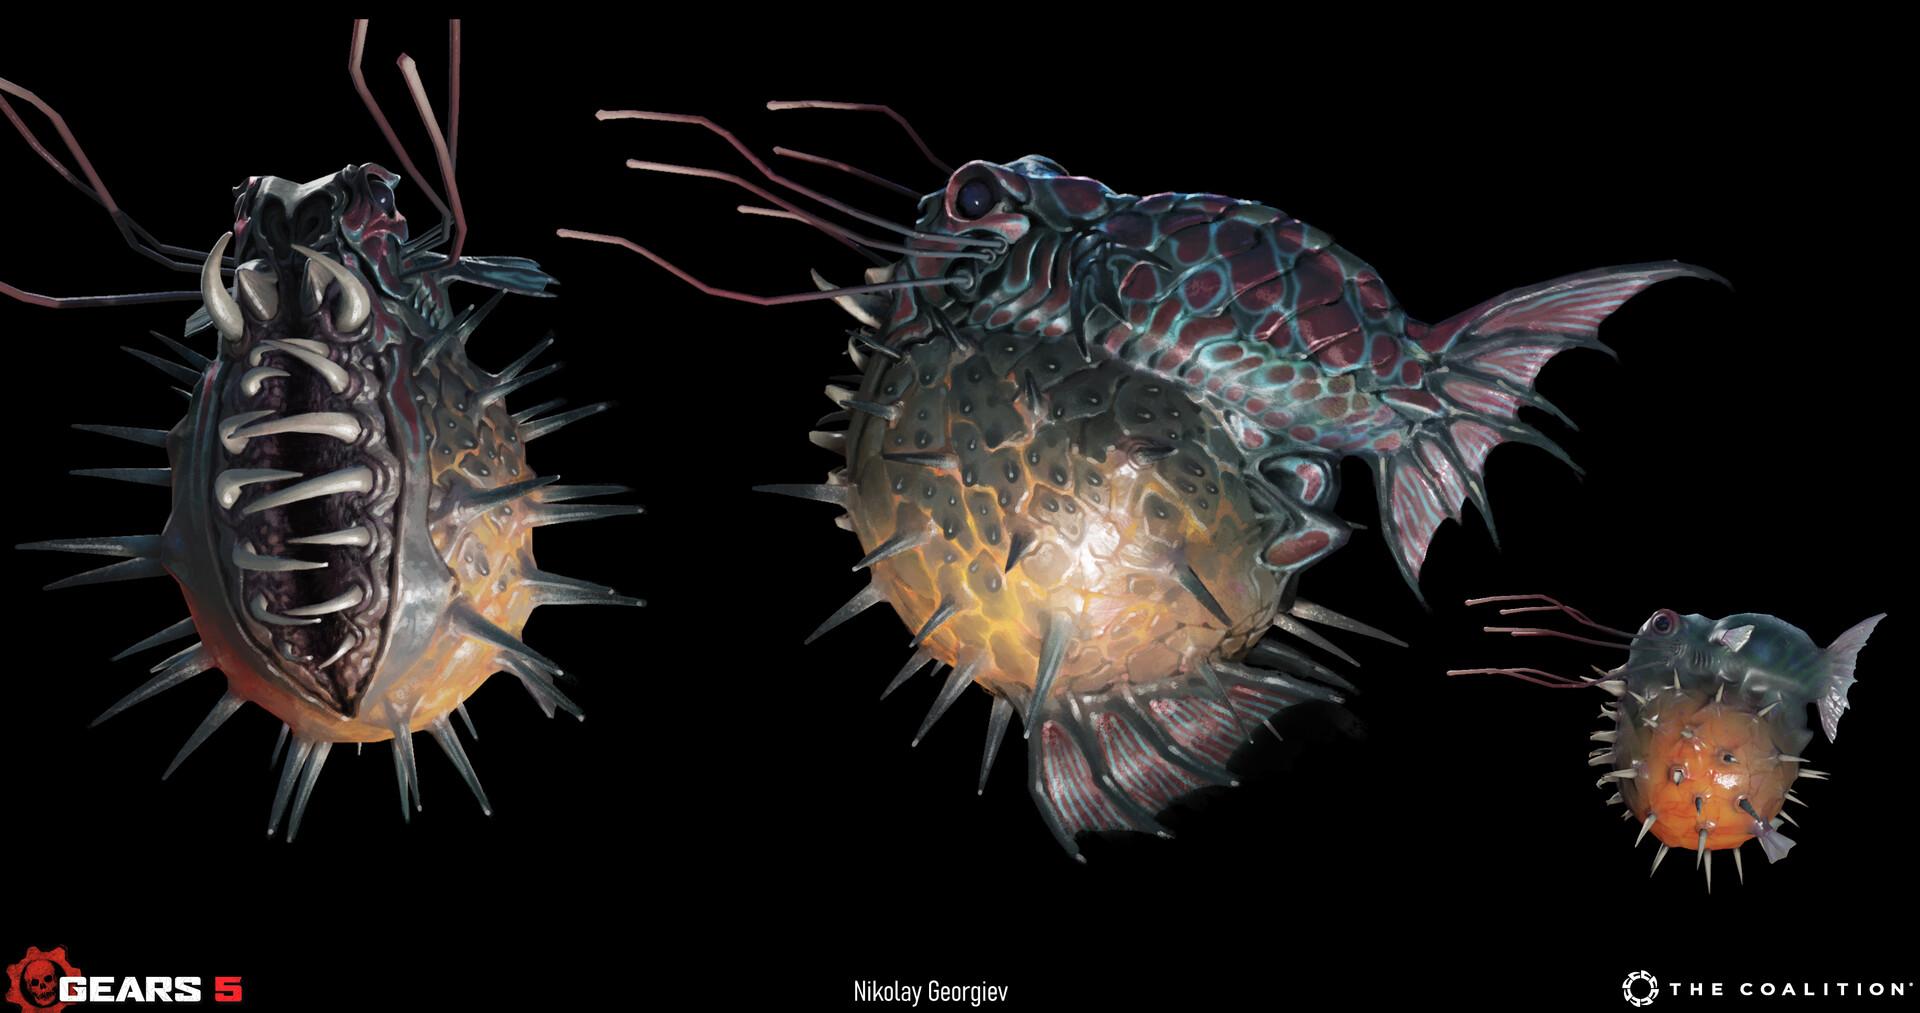 Serano Blowfish